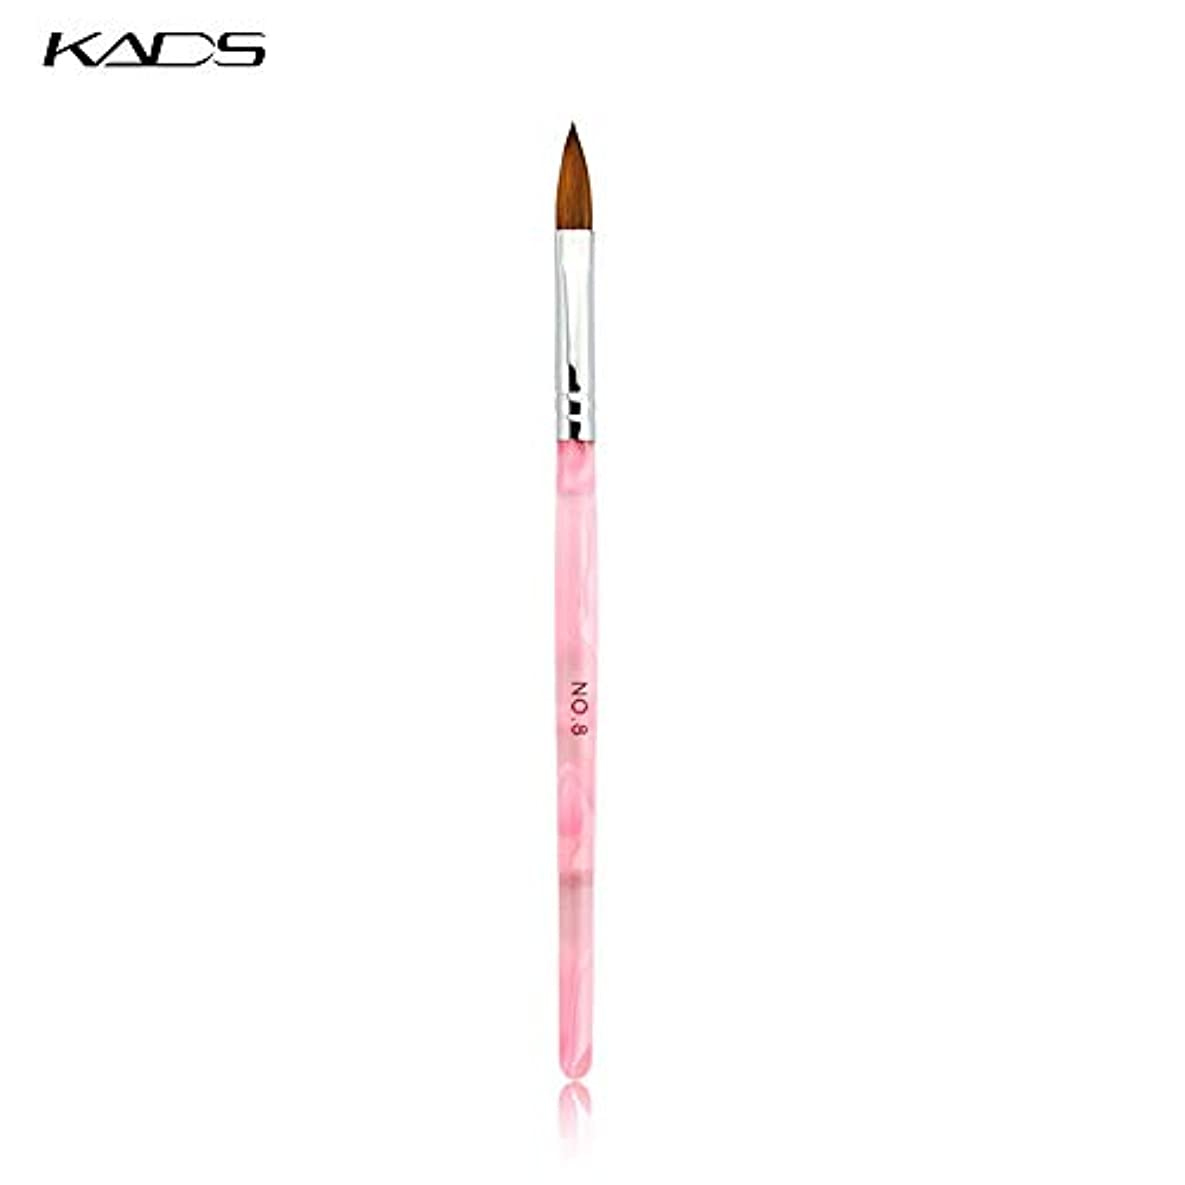 拡大する太字KADS アクリル用ネイル筆/ブラシ 1本 8# コリンスキー筆 ネイルアートペンネイルアートツール (8#)